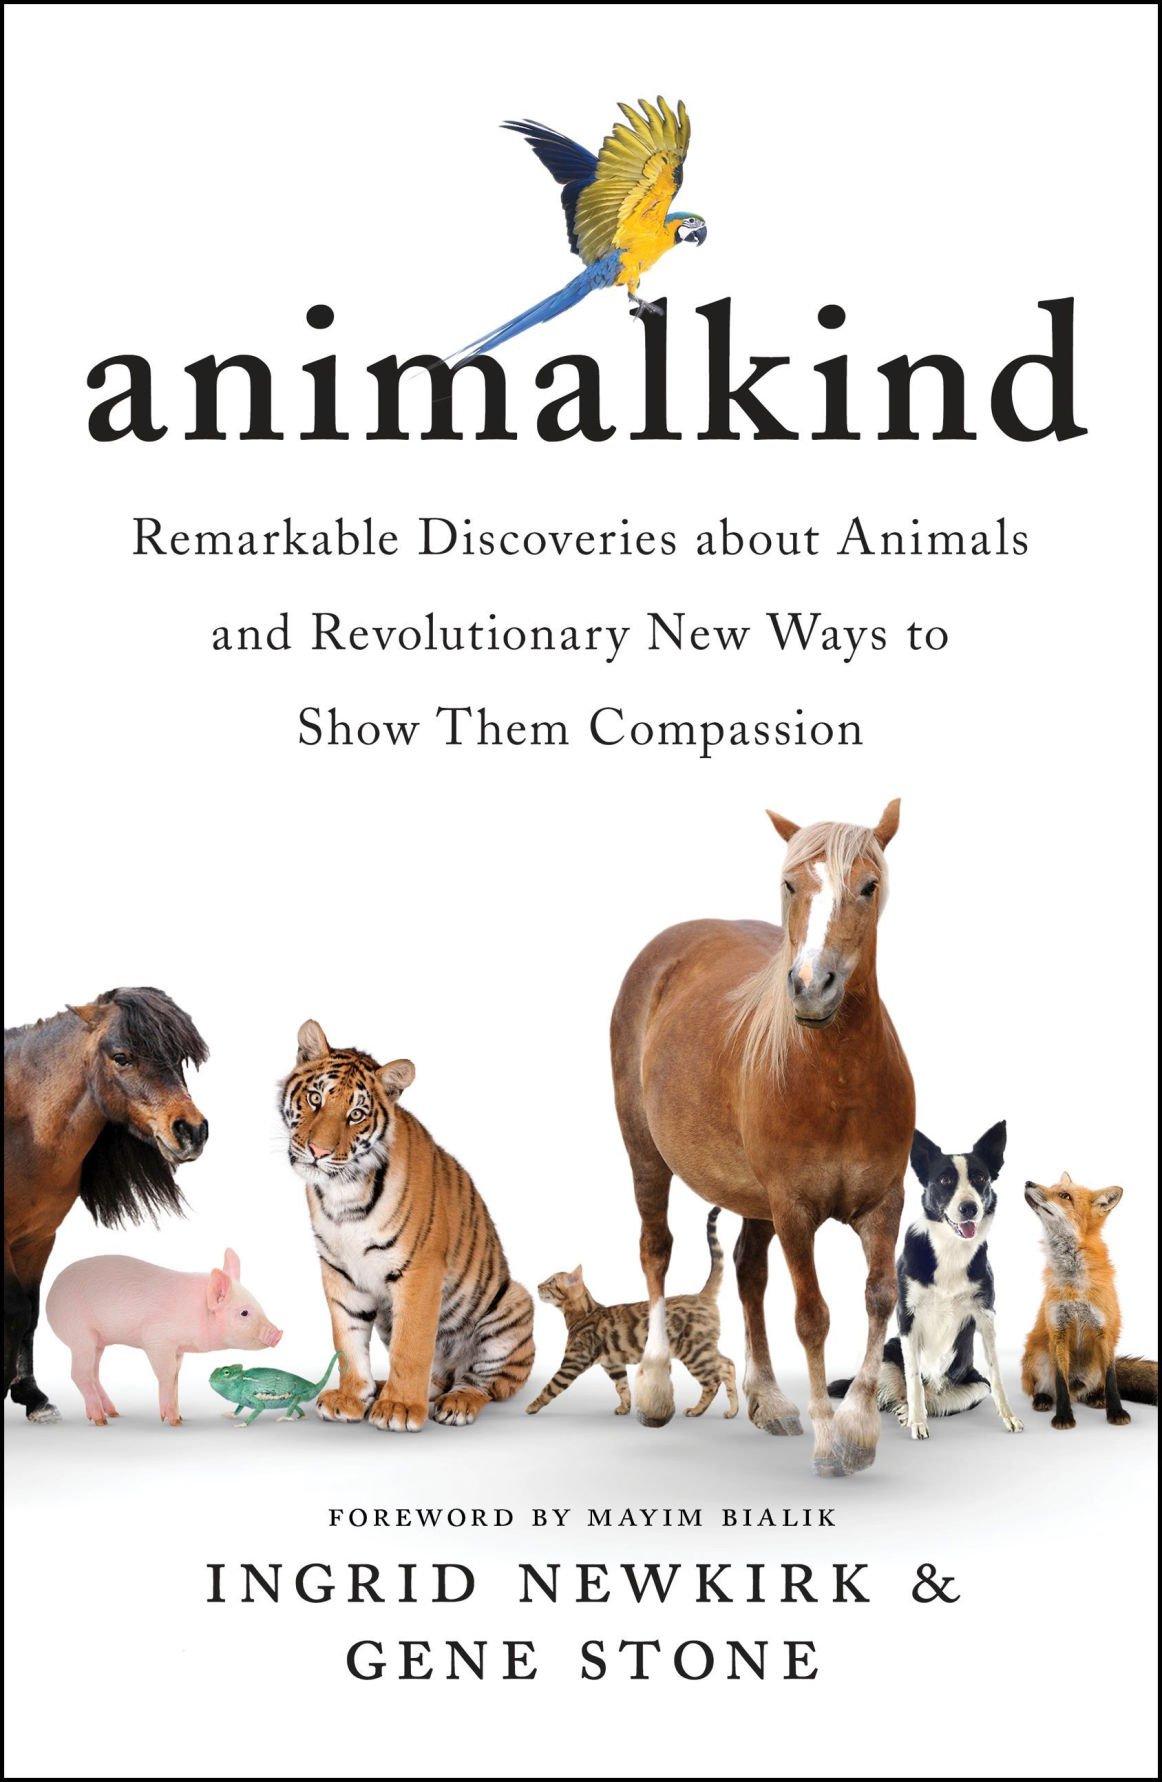 Animalkind.jpg